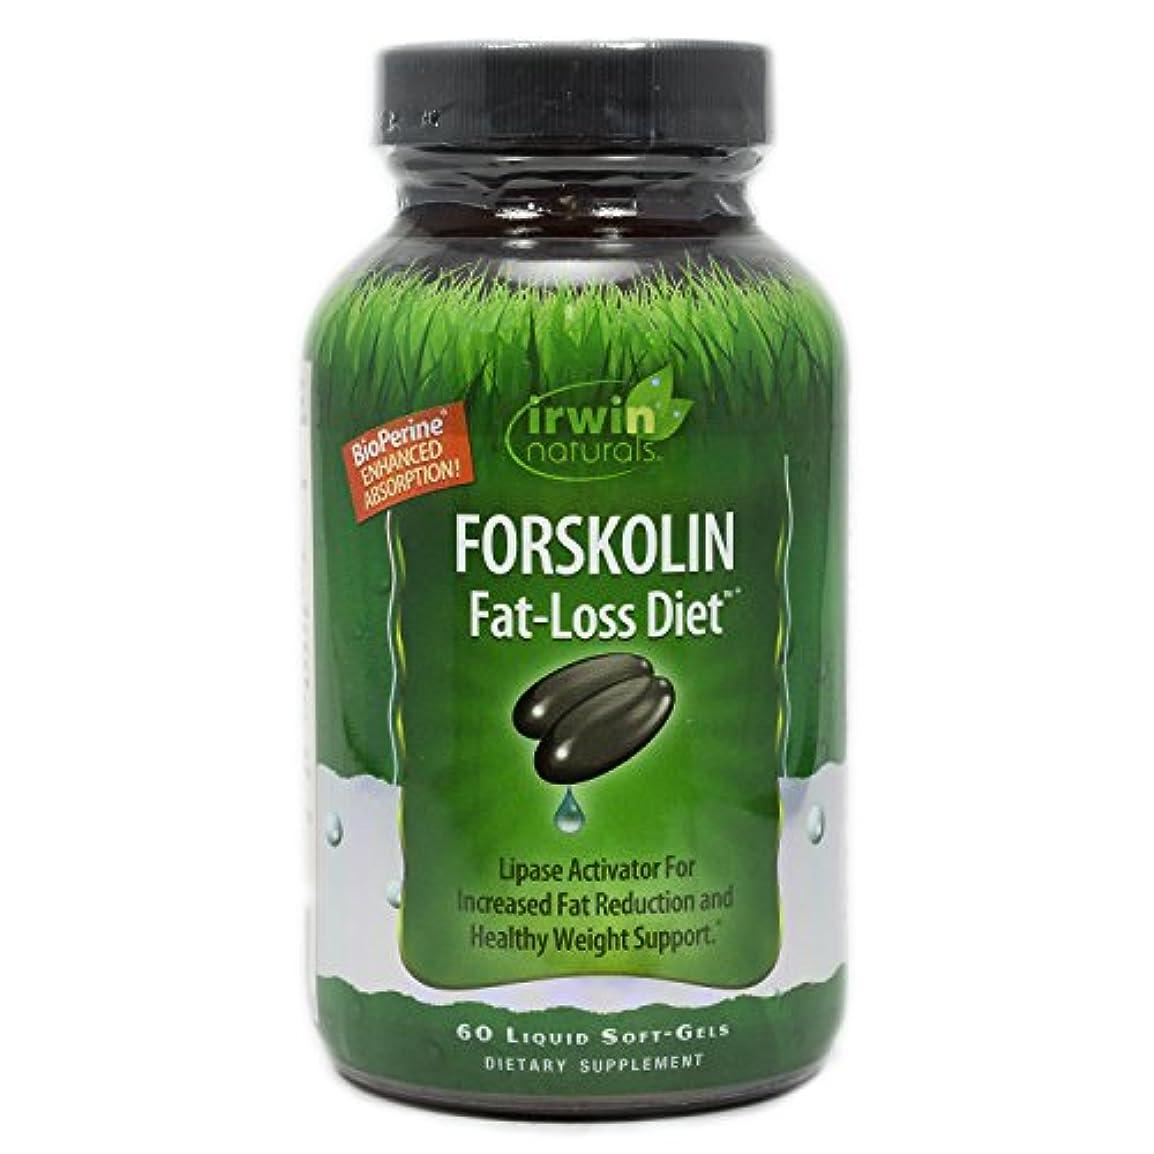 Irwin Naturals Forskolin(フォルスコリン) Fat-Loss Diet 60 sgels